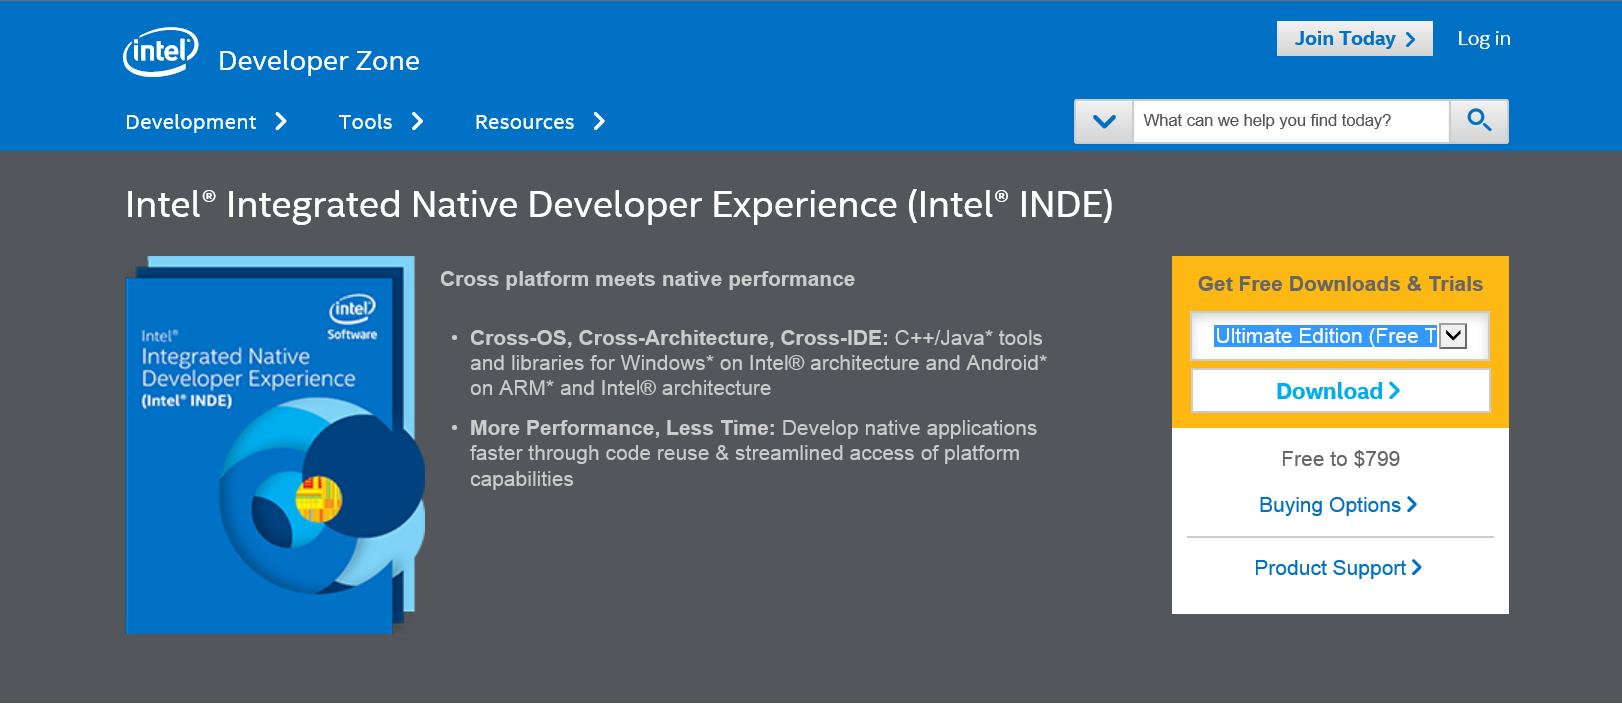 Windows* の OpenCL* 環境におけるインテル® INDE のクイック・インストール・ガイド